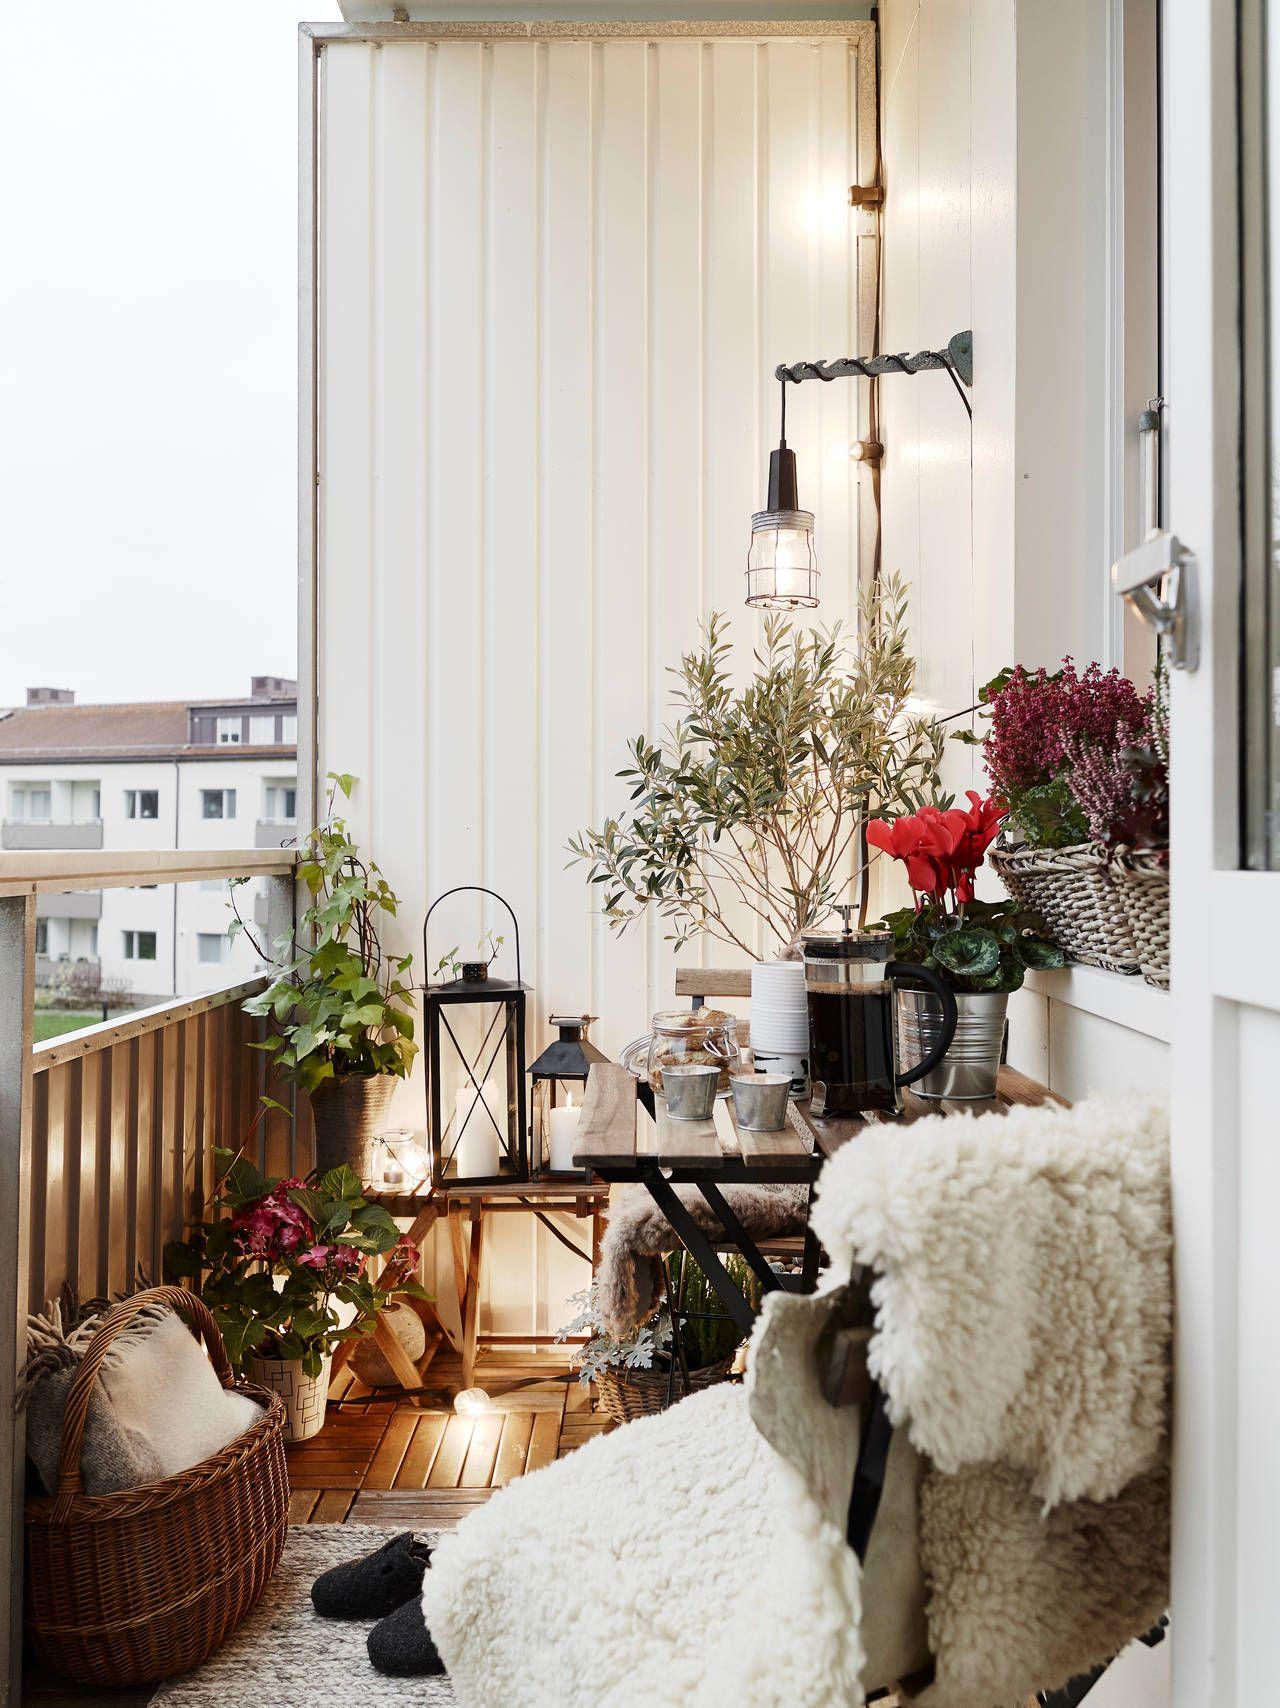 gemütlicher balkon mit fell und holz | balkon ideen | balkon, Gartengerate ideen